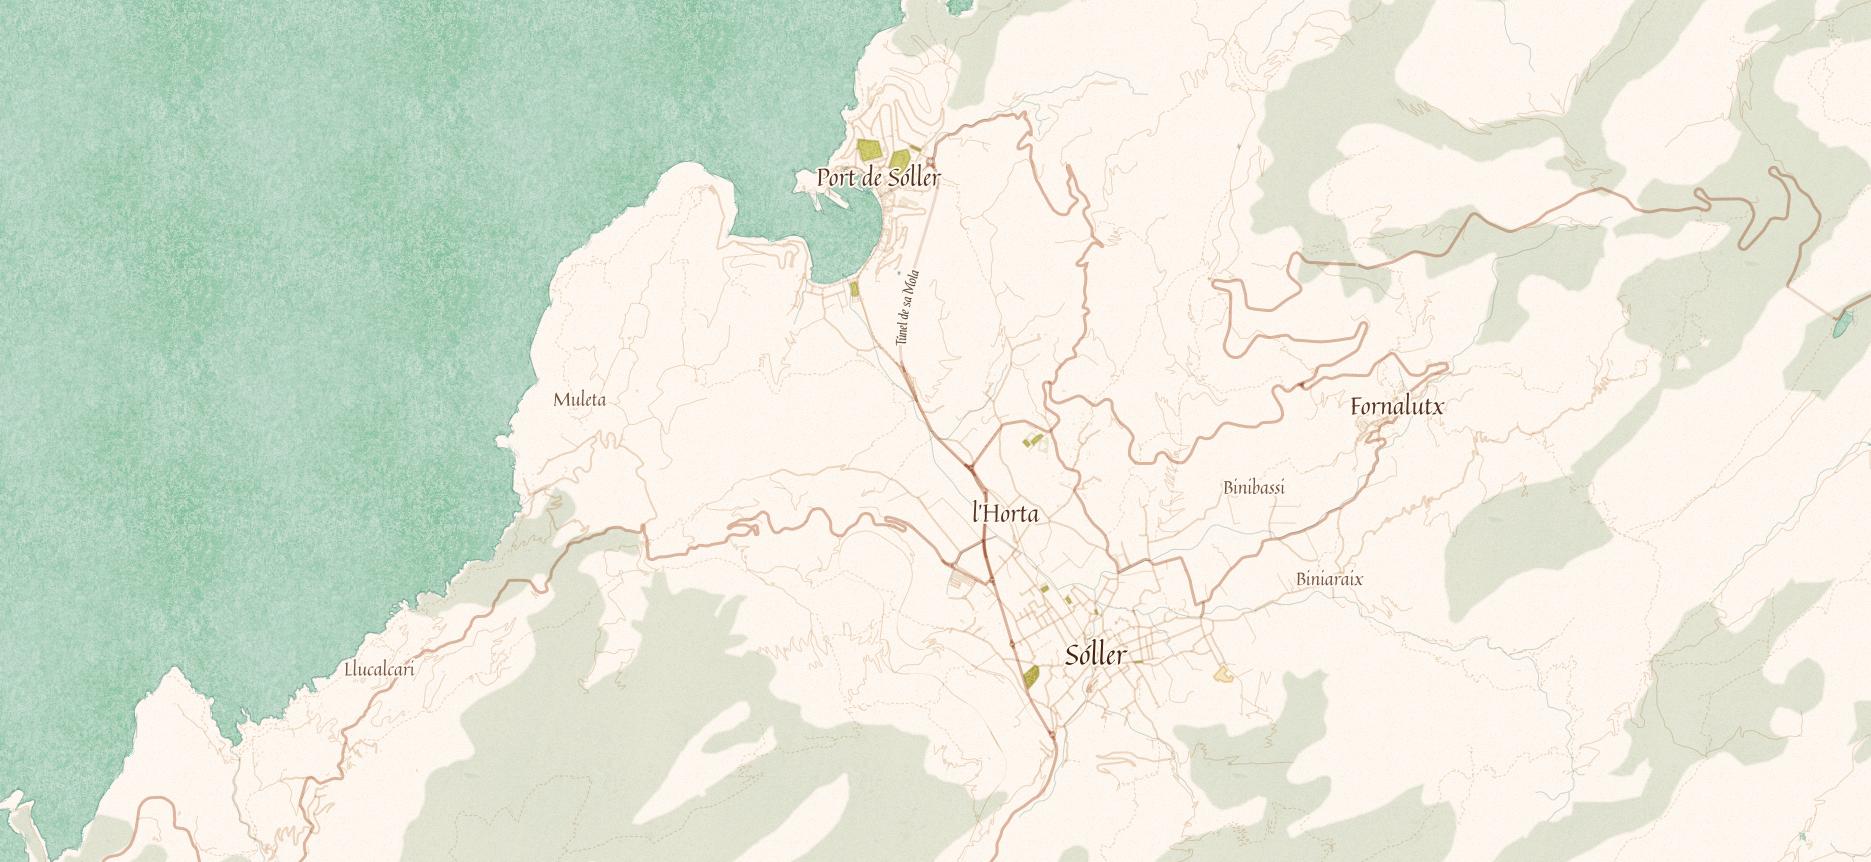 Firo in Port de Soller Mallorca Mai 2015 Artikelbild